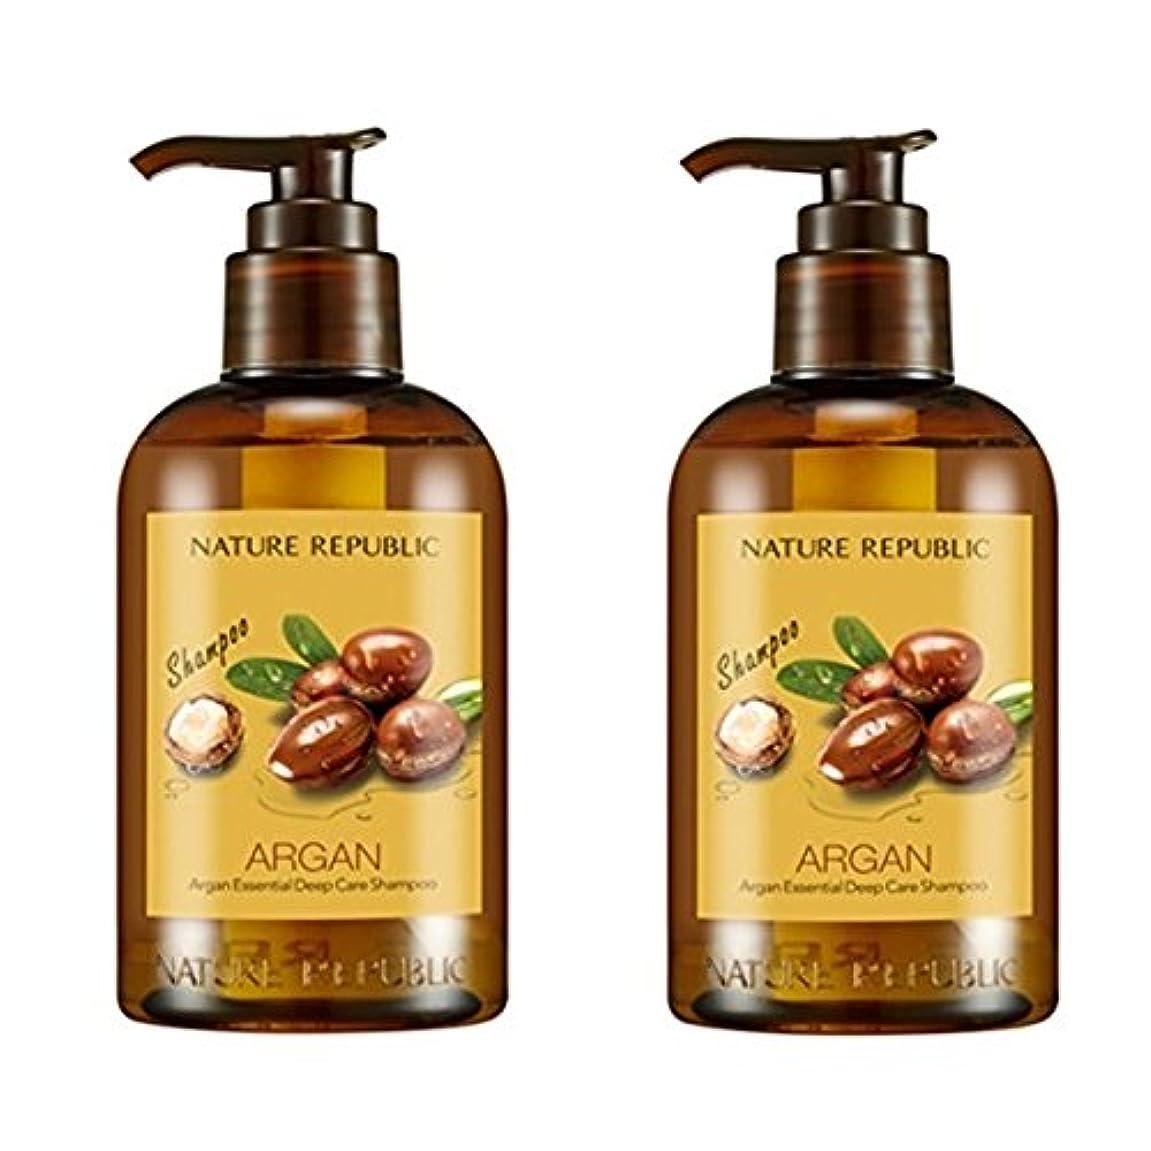 洗練されたナチュラスチュアート島ネイチャーリパブリック(NATURE REPUBLIC) アルガン エッセンシャル ディープ ケア シャンプー x 2本 (Argan Essential Deep Care Shampoo x2pcs Set) [並行輸入品]